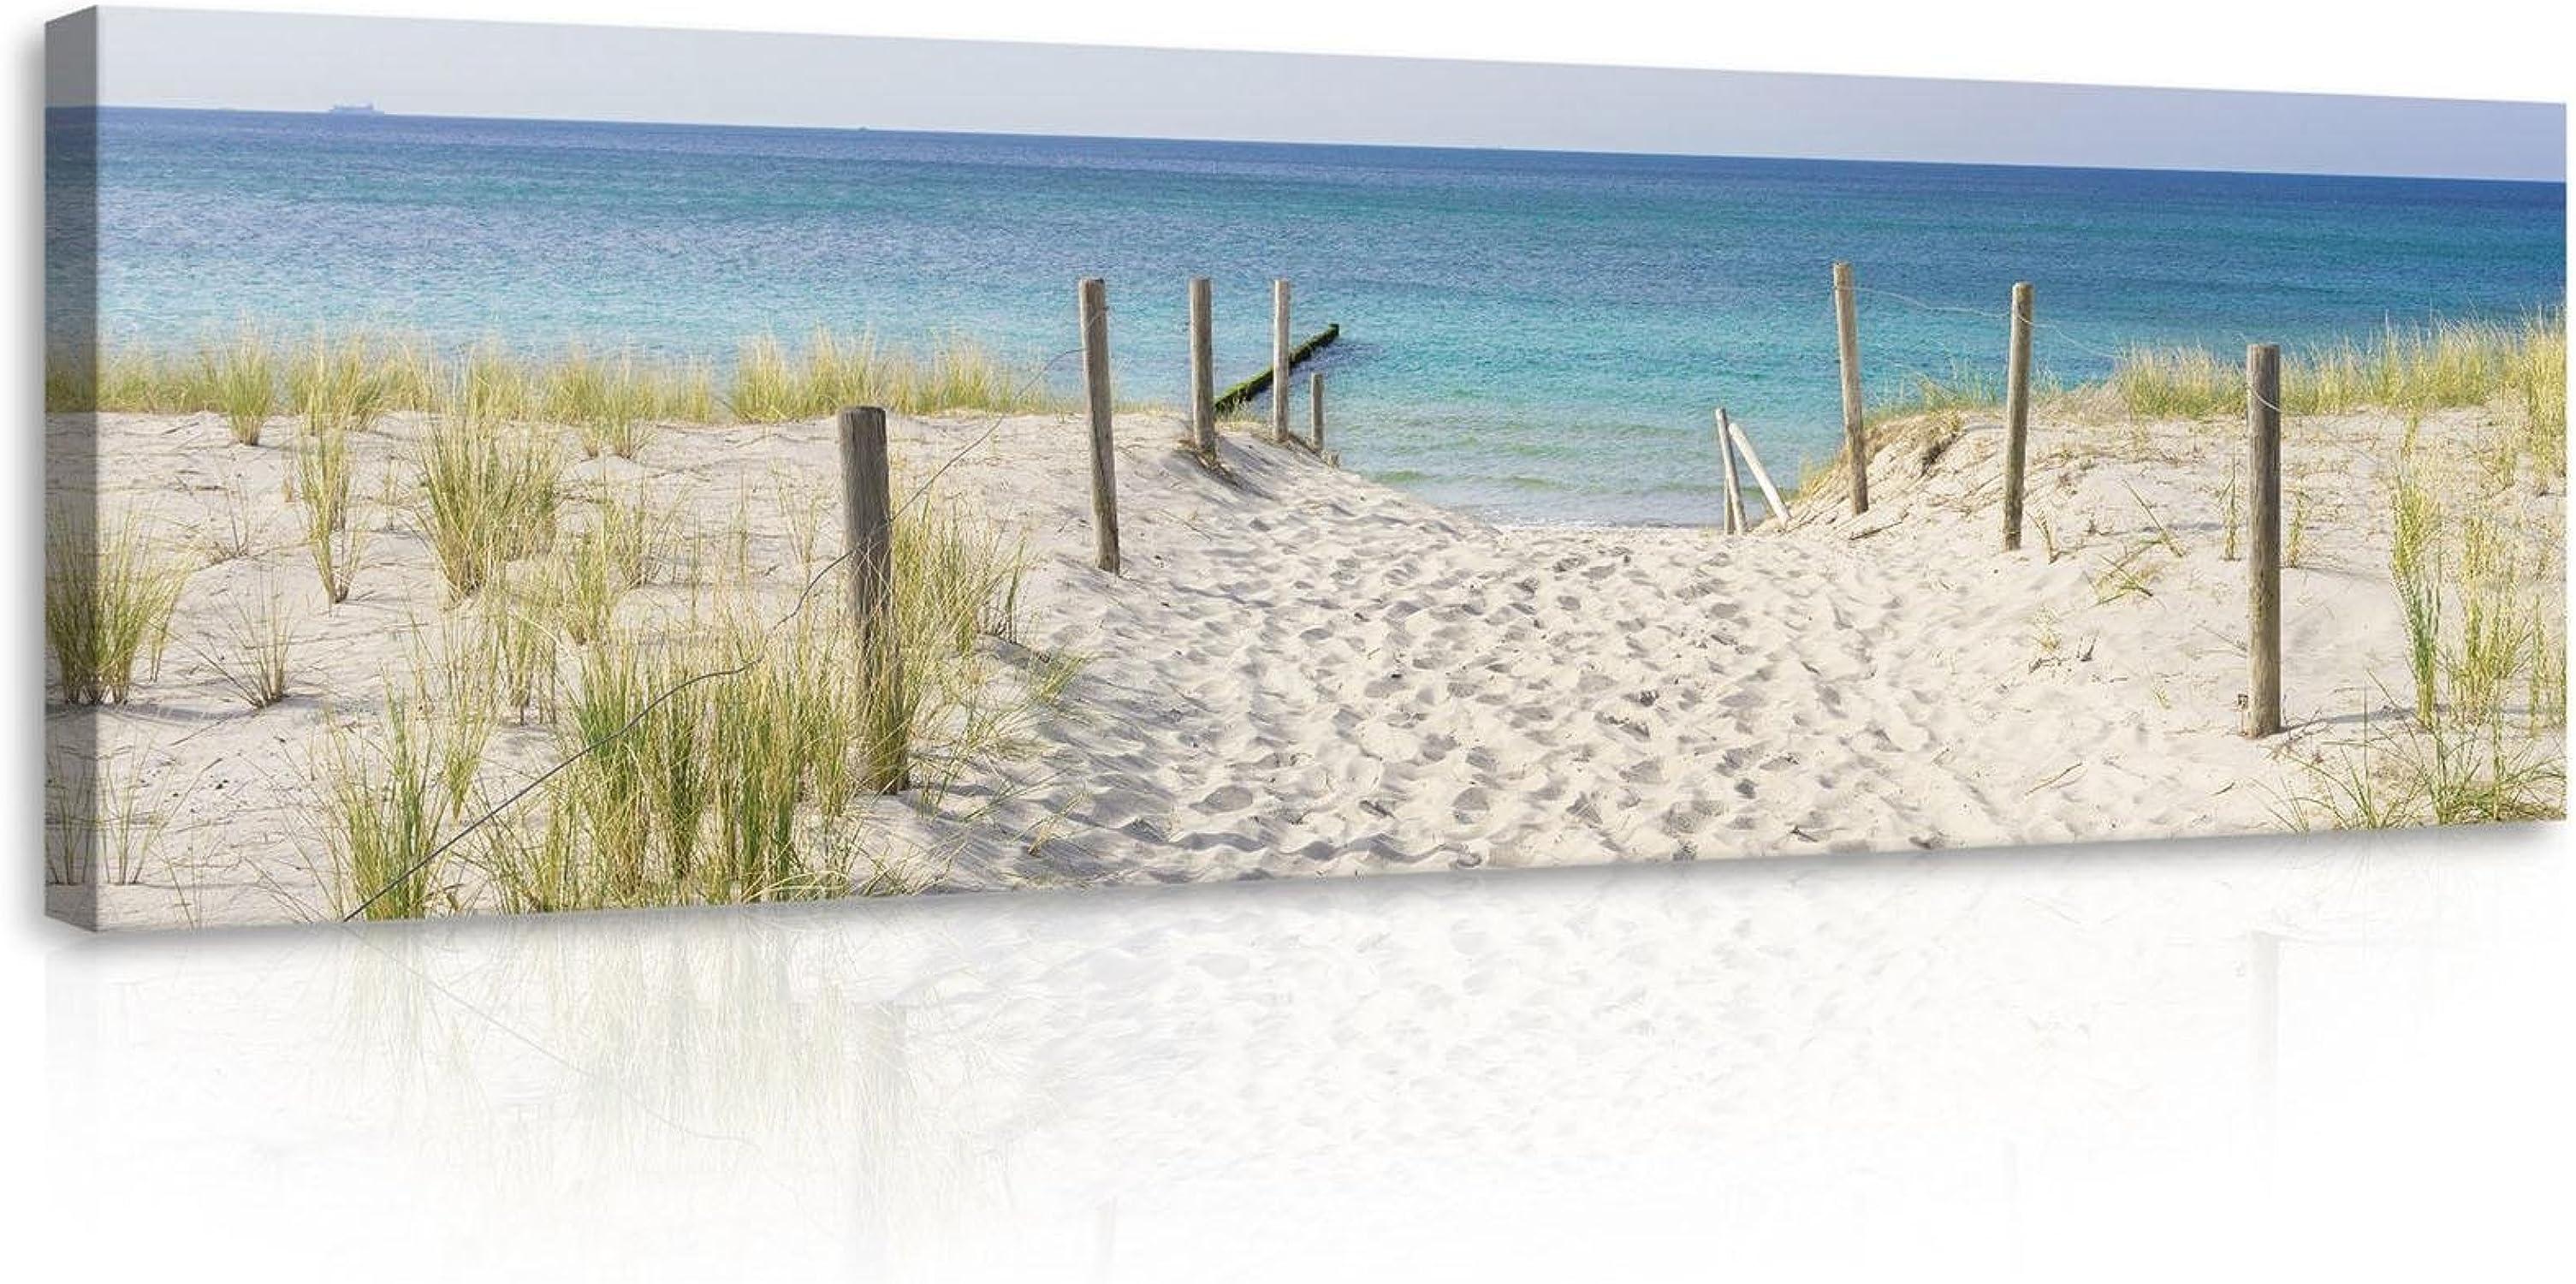 promociones de equipo Welt-der-trumewandbild canvasbild lienzo impresión de de de Lienzo   playa y el salón   lienzo   Imprimir 10387_ pp-ms   naturaleza paisaje playa mar OcÃano mar arena, O3 (45cm. x 145cm.)  lo último